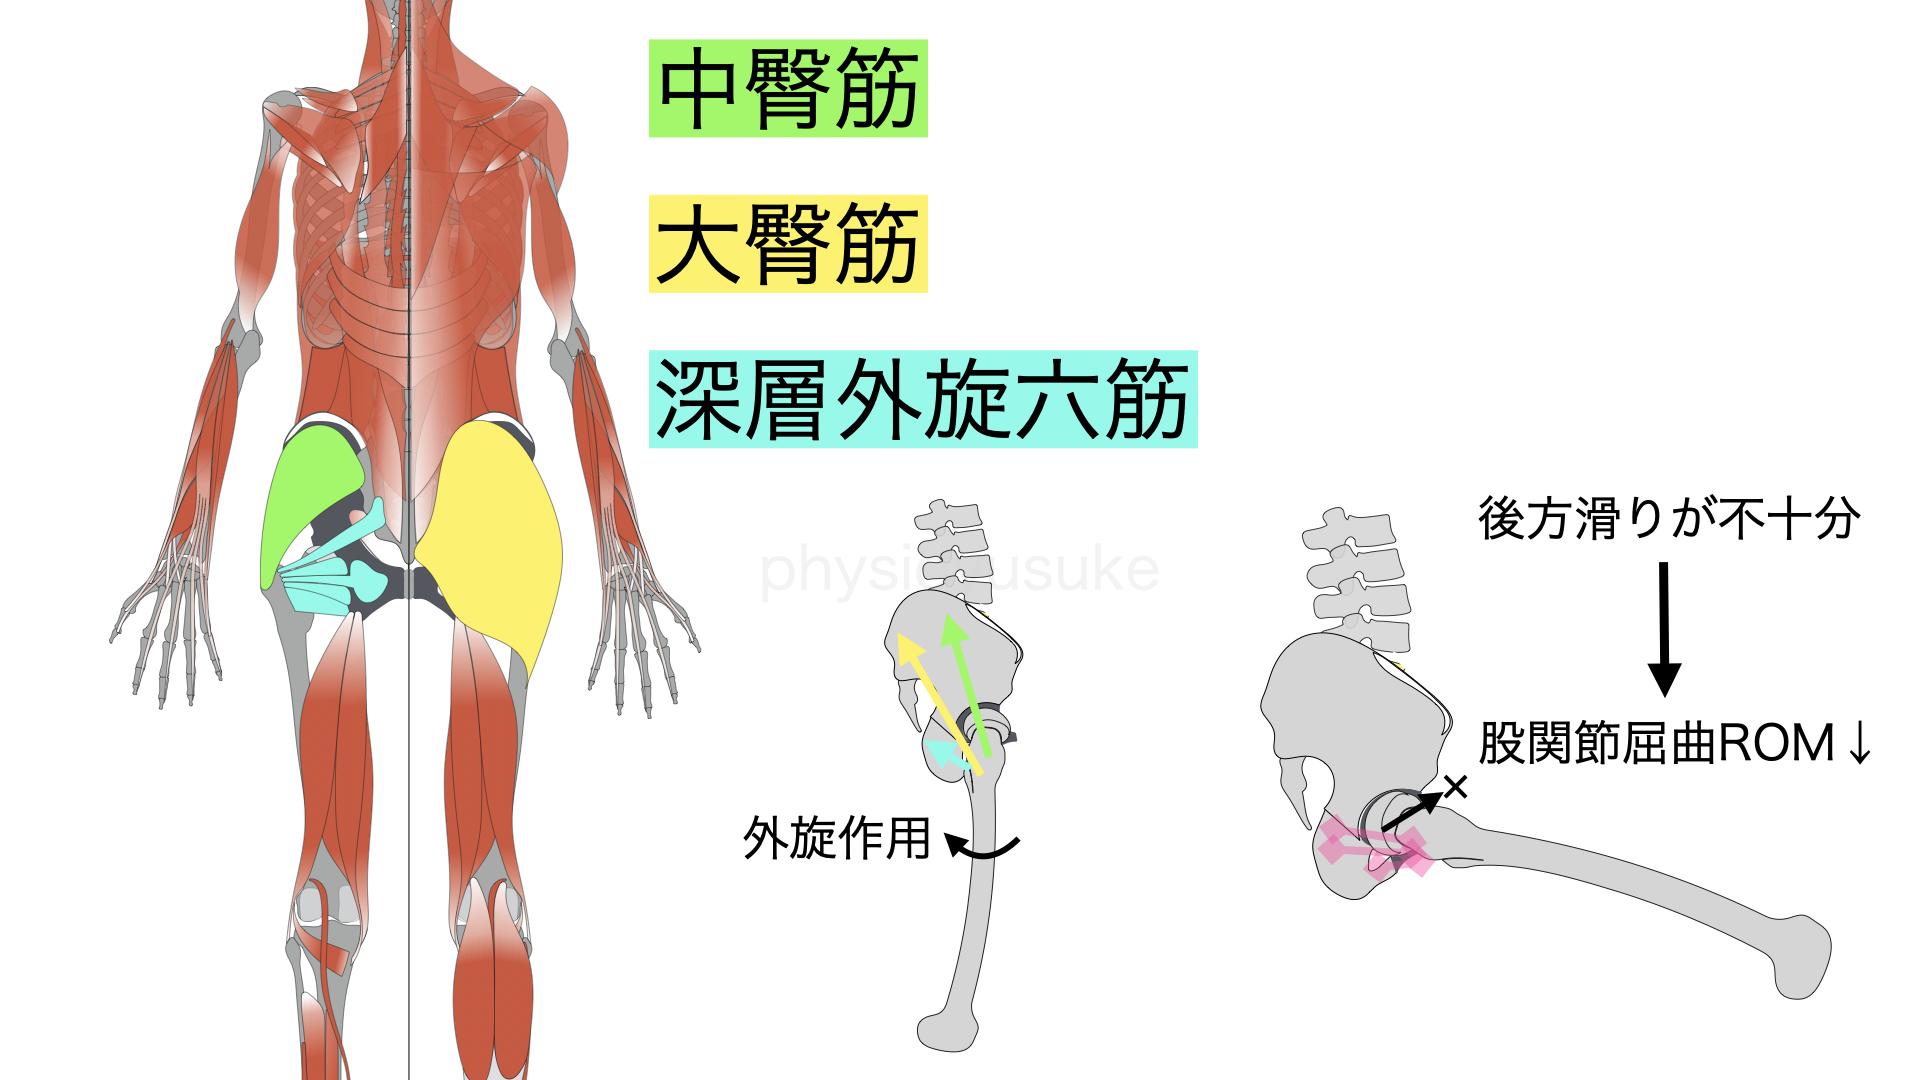 腰痛体操、股関節、運動、深層外旋六筋、後方滑り